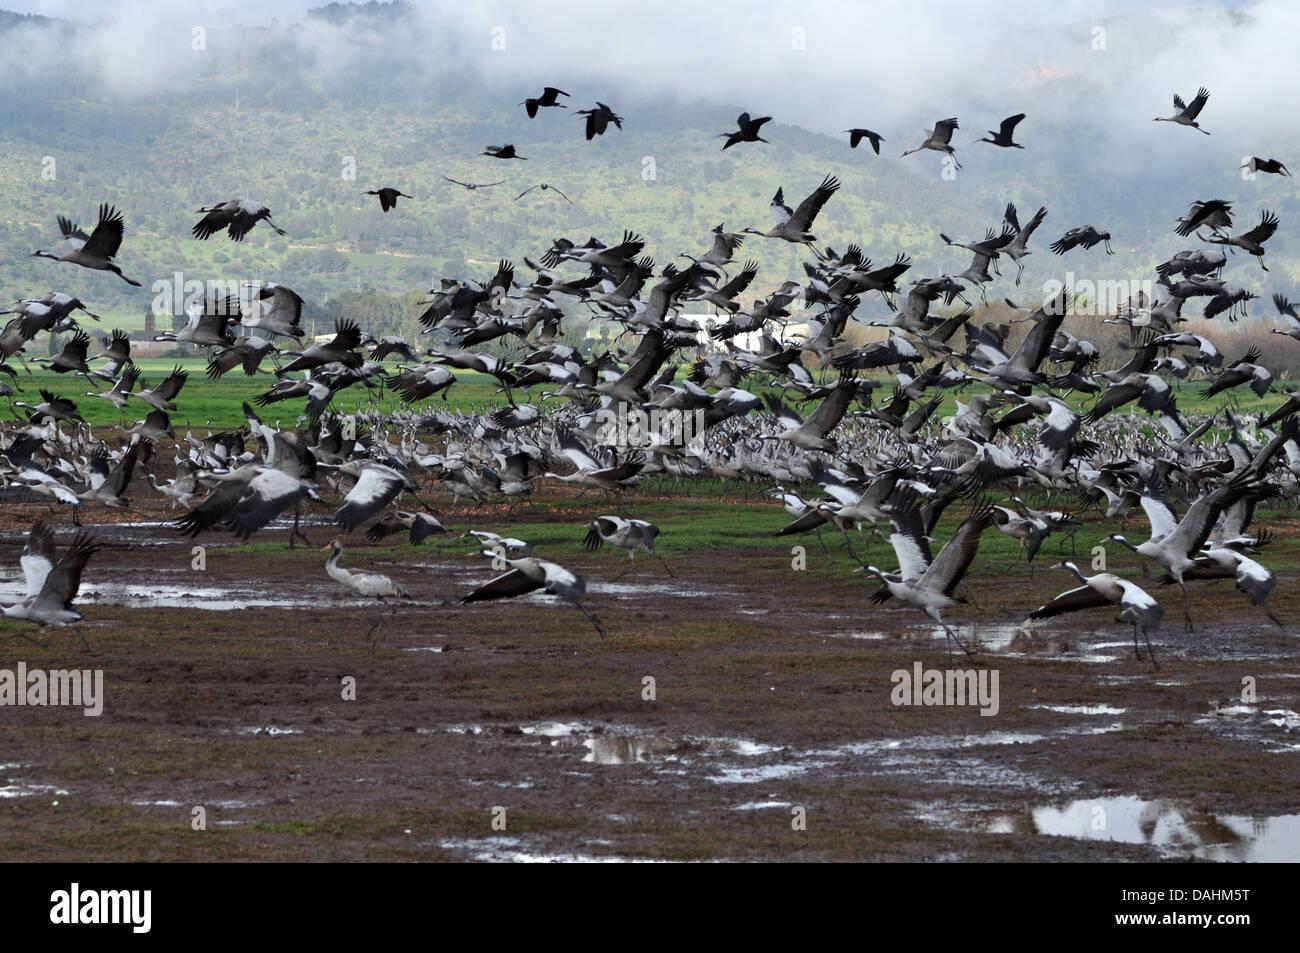 Una gran bandada de grulla común (grus grus) siluetas al amanecer. Grúa de grandes especies migratorias que vive en prados húmedos y marsh Foto de stock